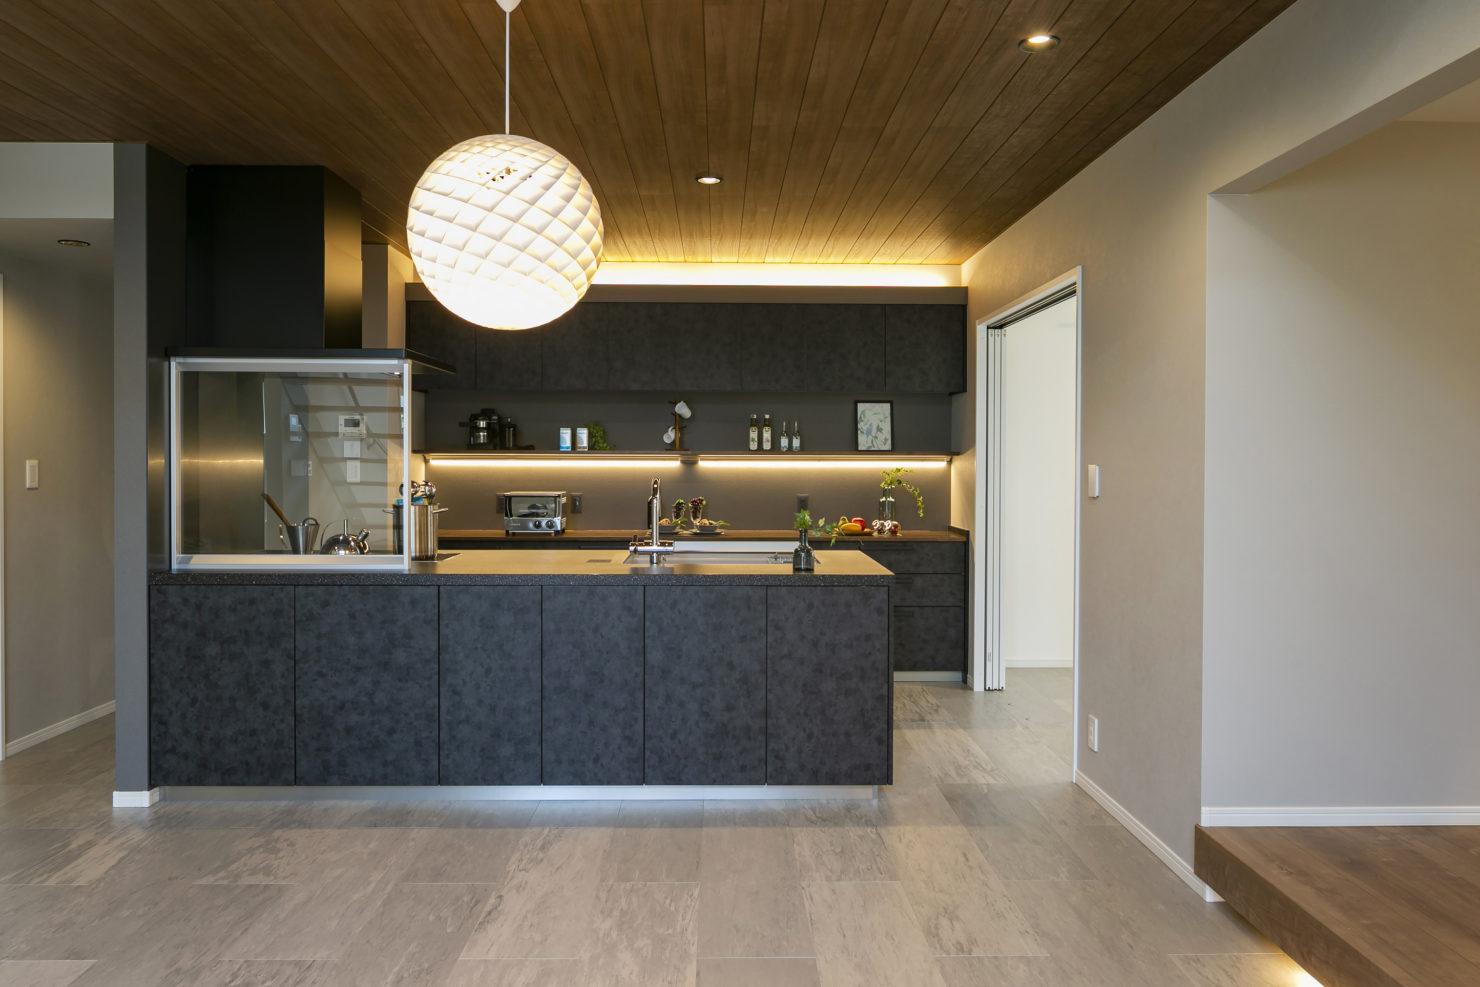 ハウスM21「3世代で快適に暮らすインナーガレージ併設住宅」キッチン写真